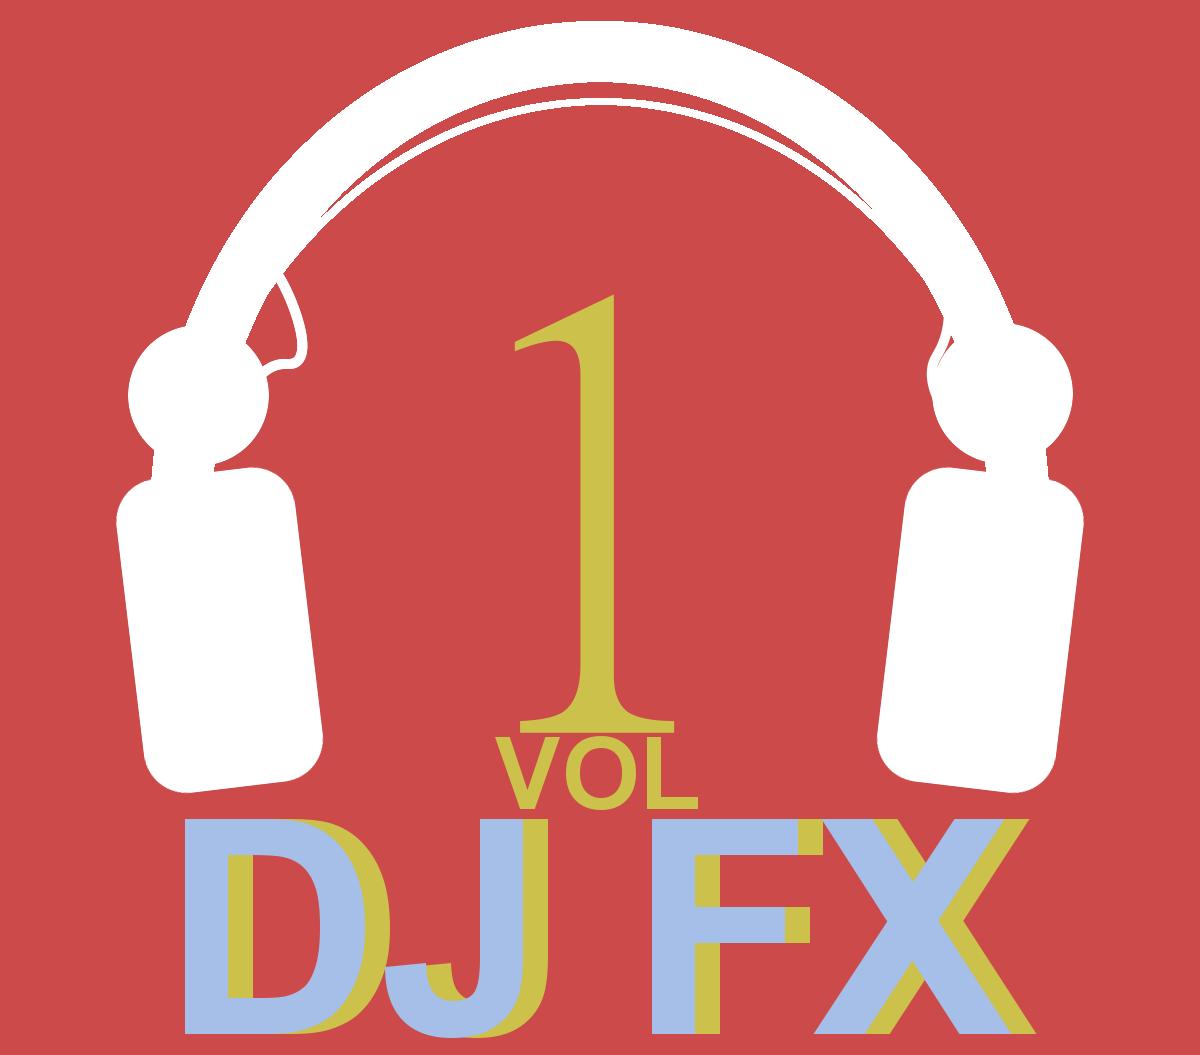 Dj_fx_vol1